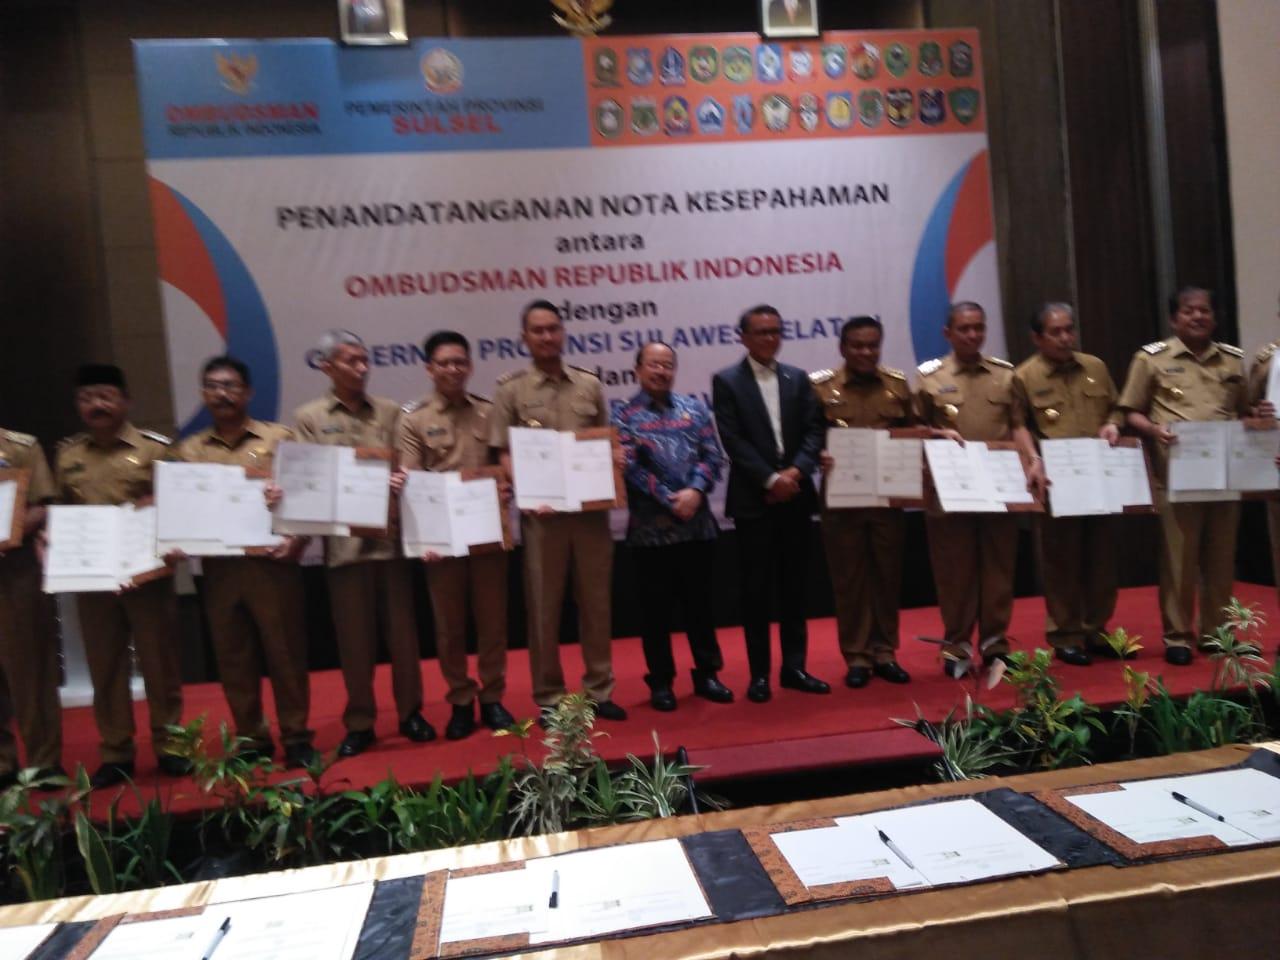 Tingkatkan Pelayanan Publik, Bupati Sinjai Teken MoU dengan Ombudsman RI